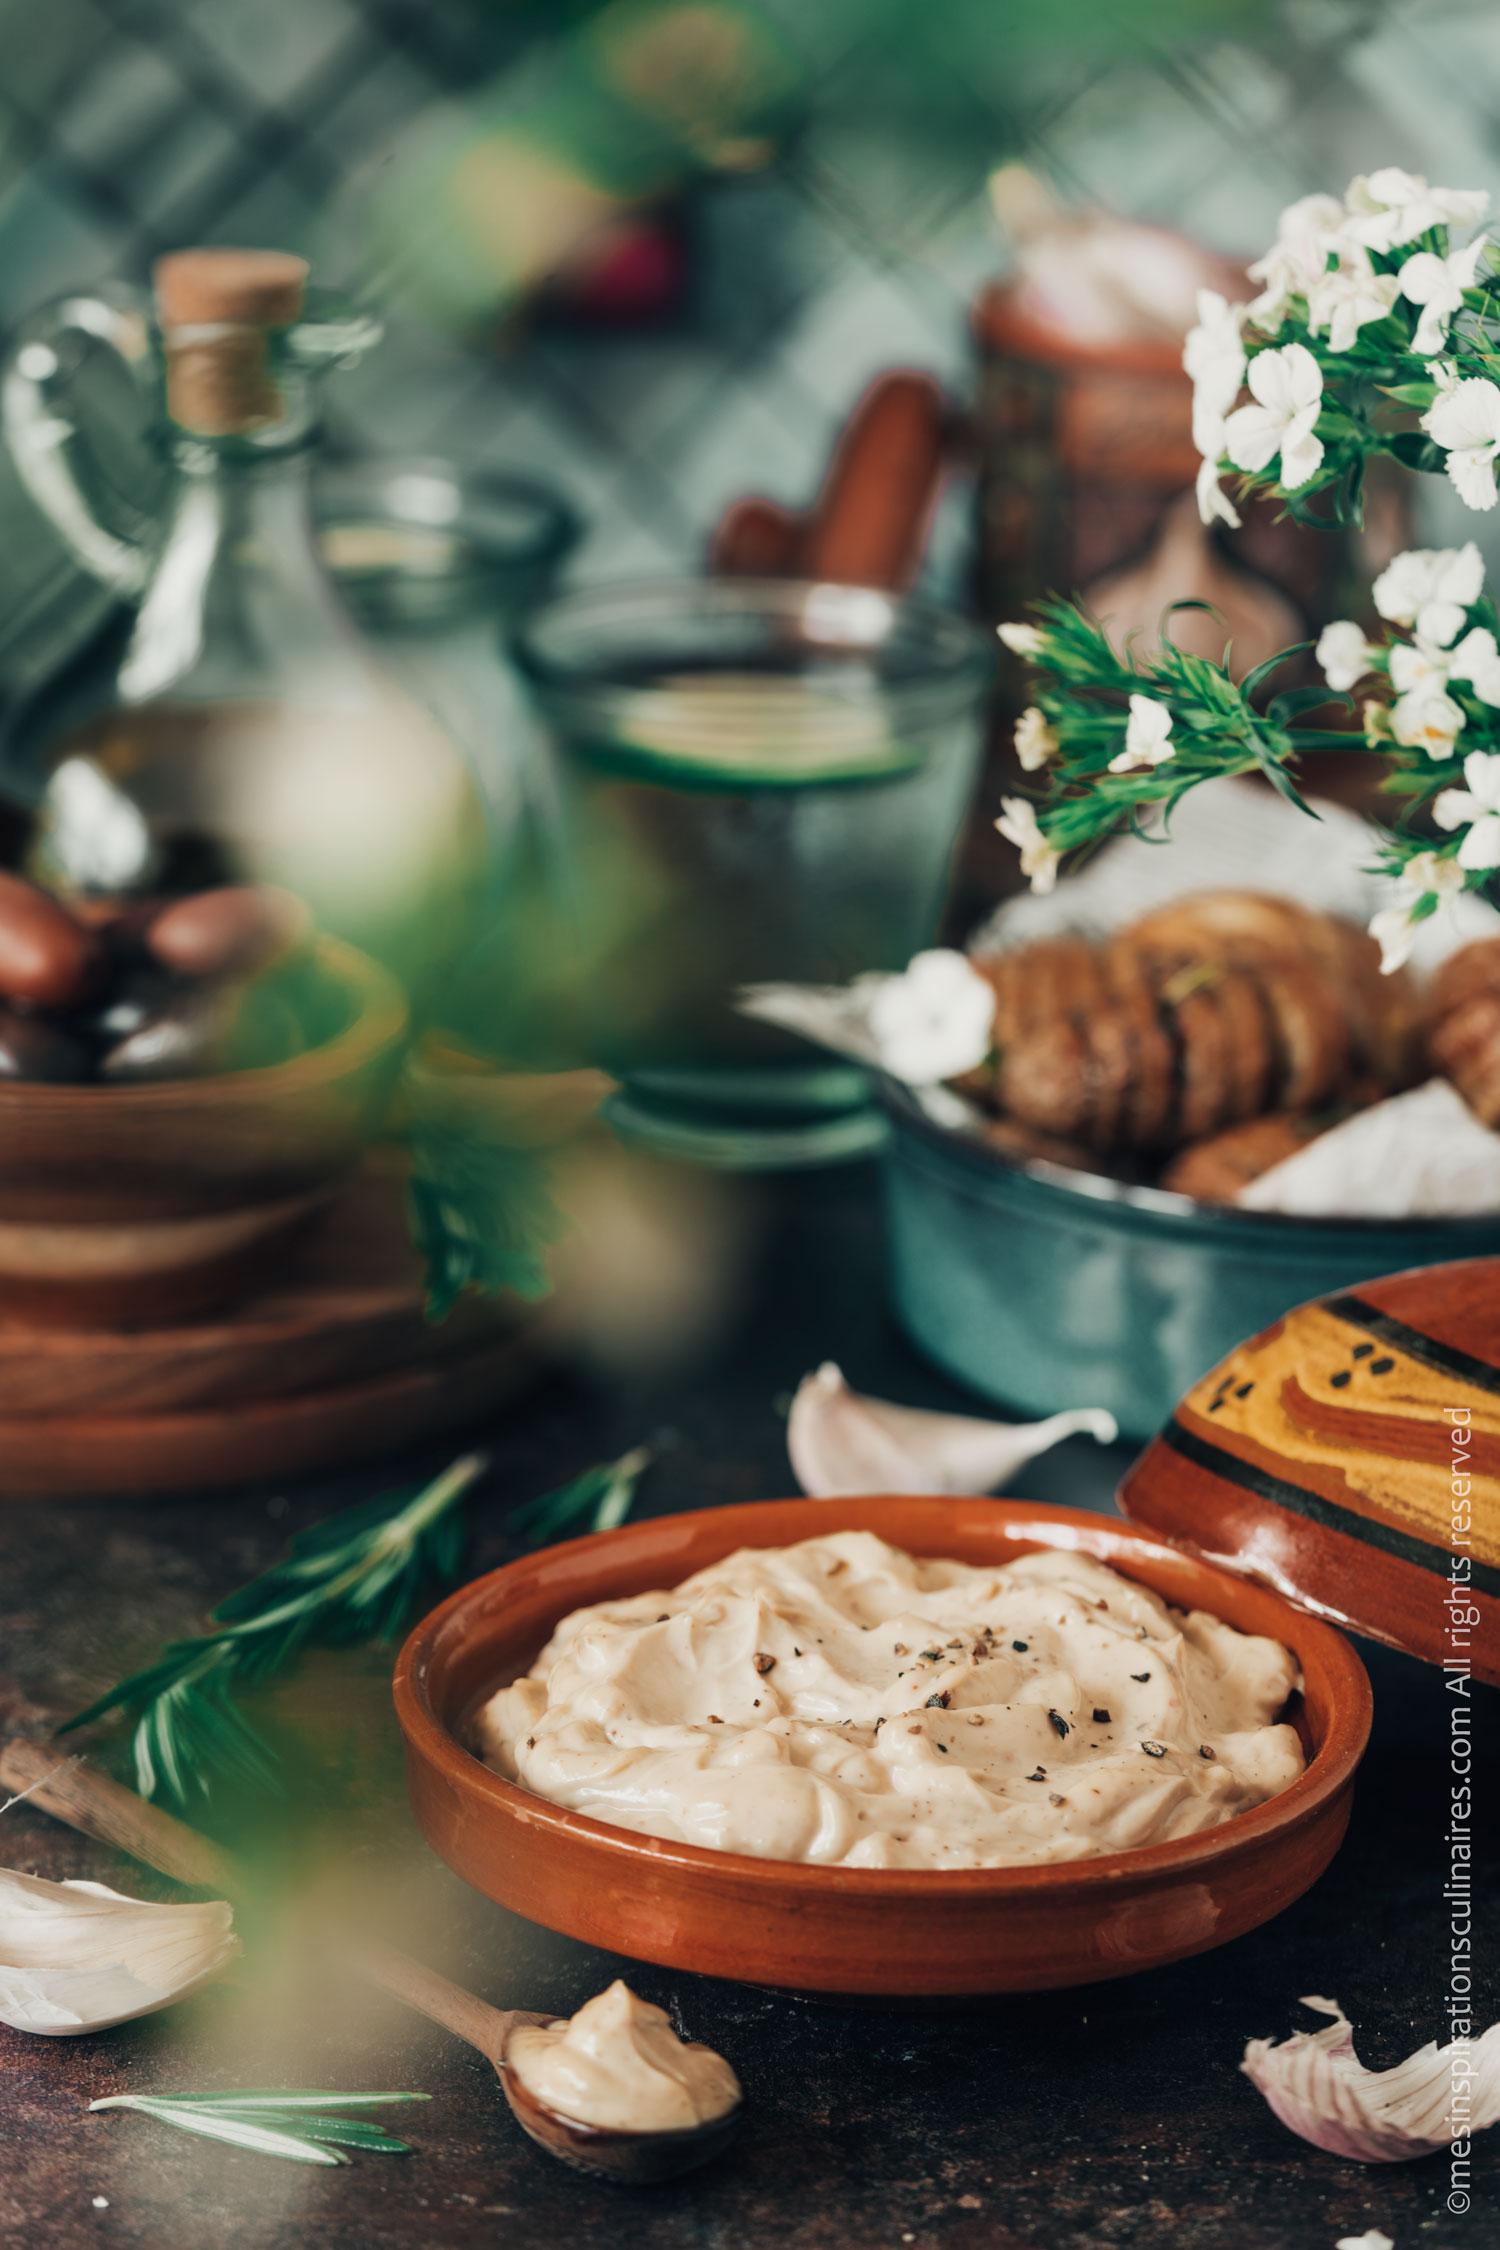 faire la sauce aïoli provençale maison